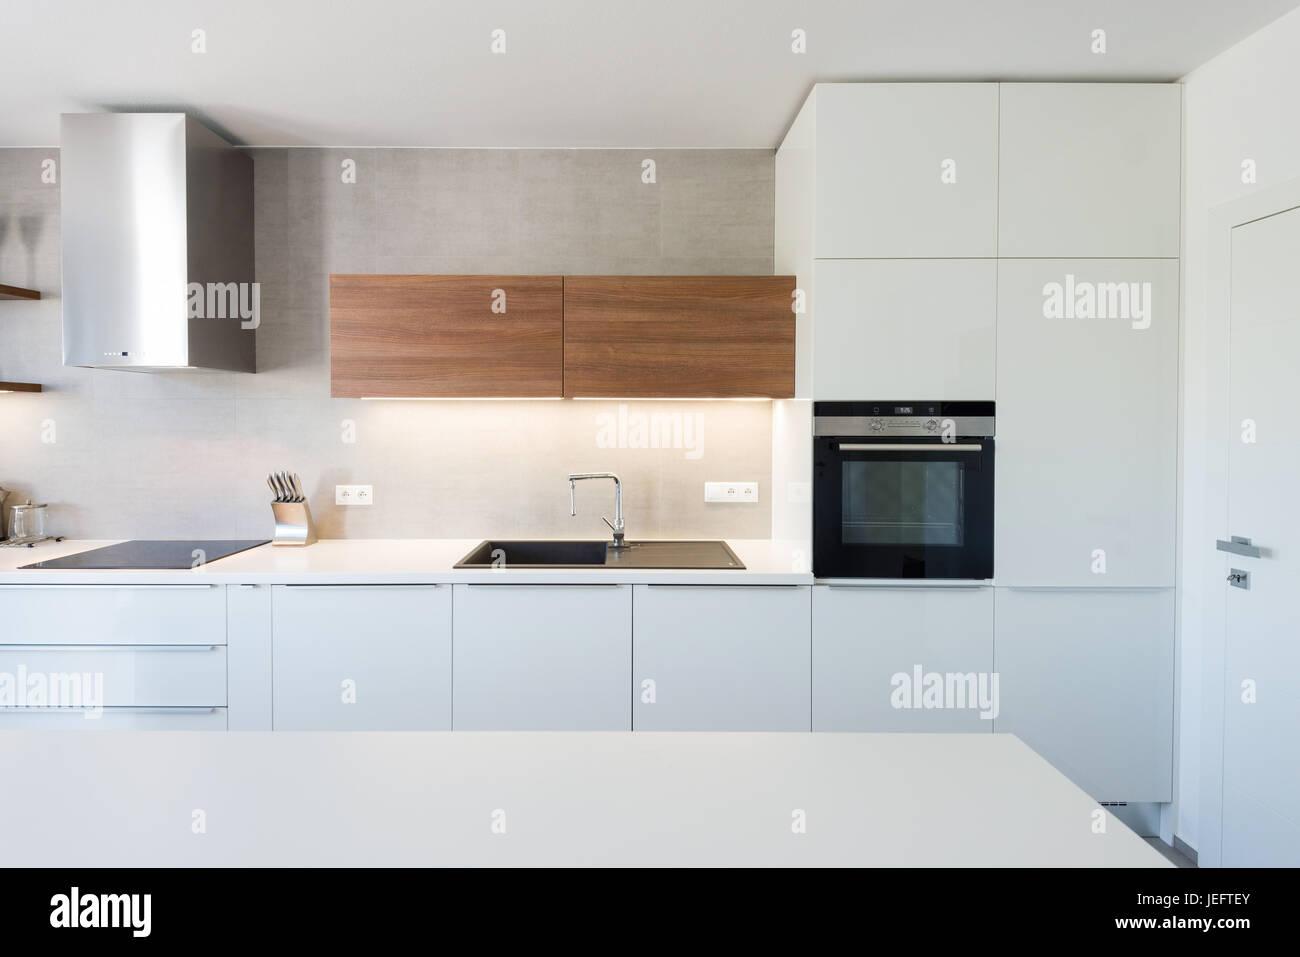 Cucina moderna con interni con gli elettrodomestici ad incasso Foto ...